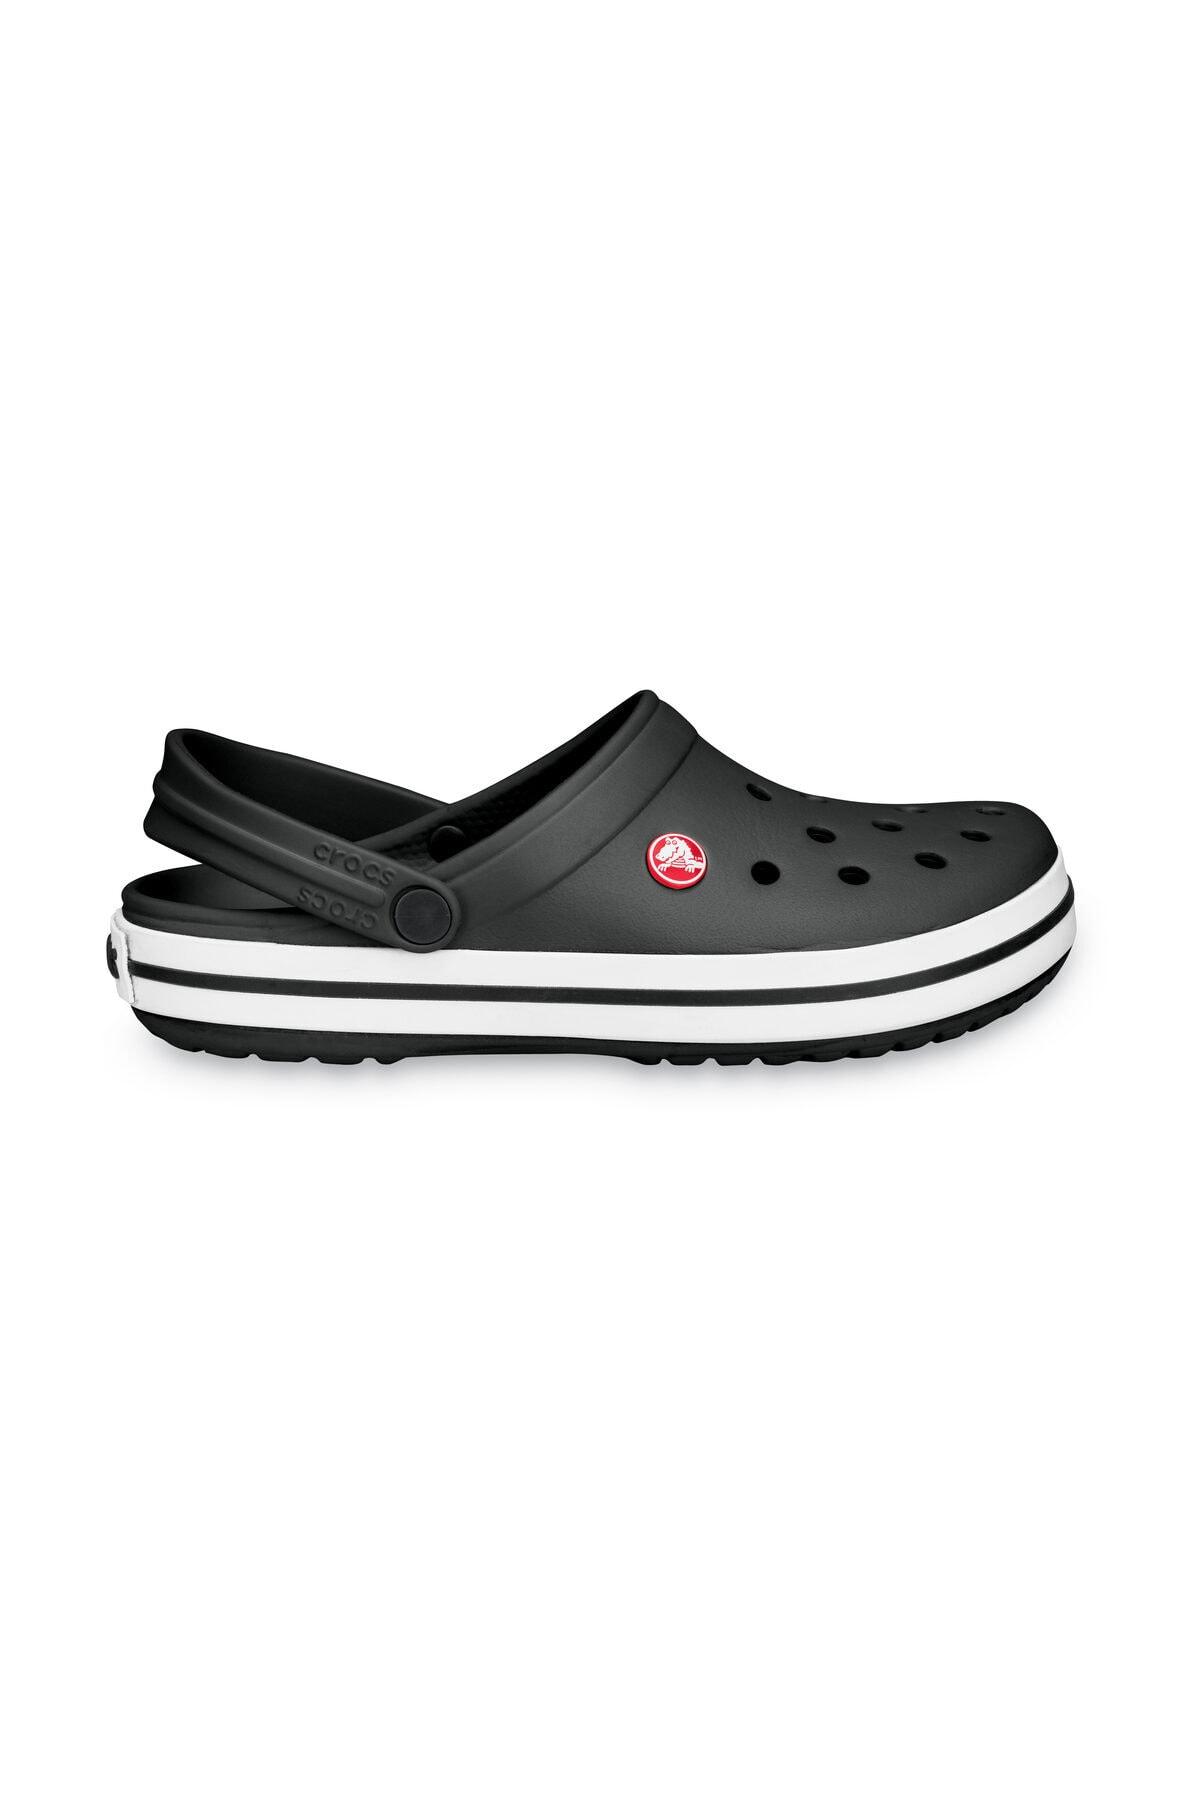 Crocs Siyah Unisex Crocband Kenarı Siyah Beyaz Çizgili Terlik 1